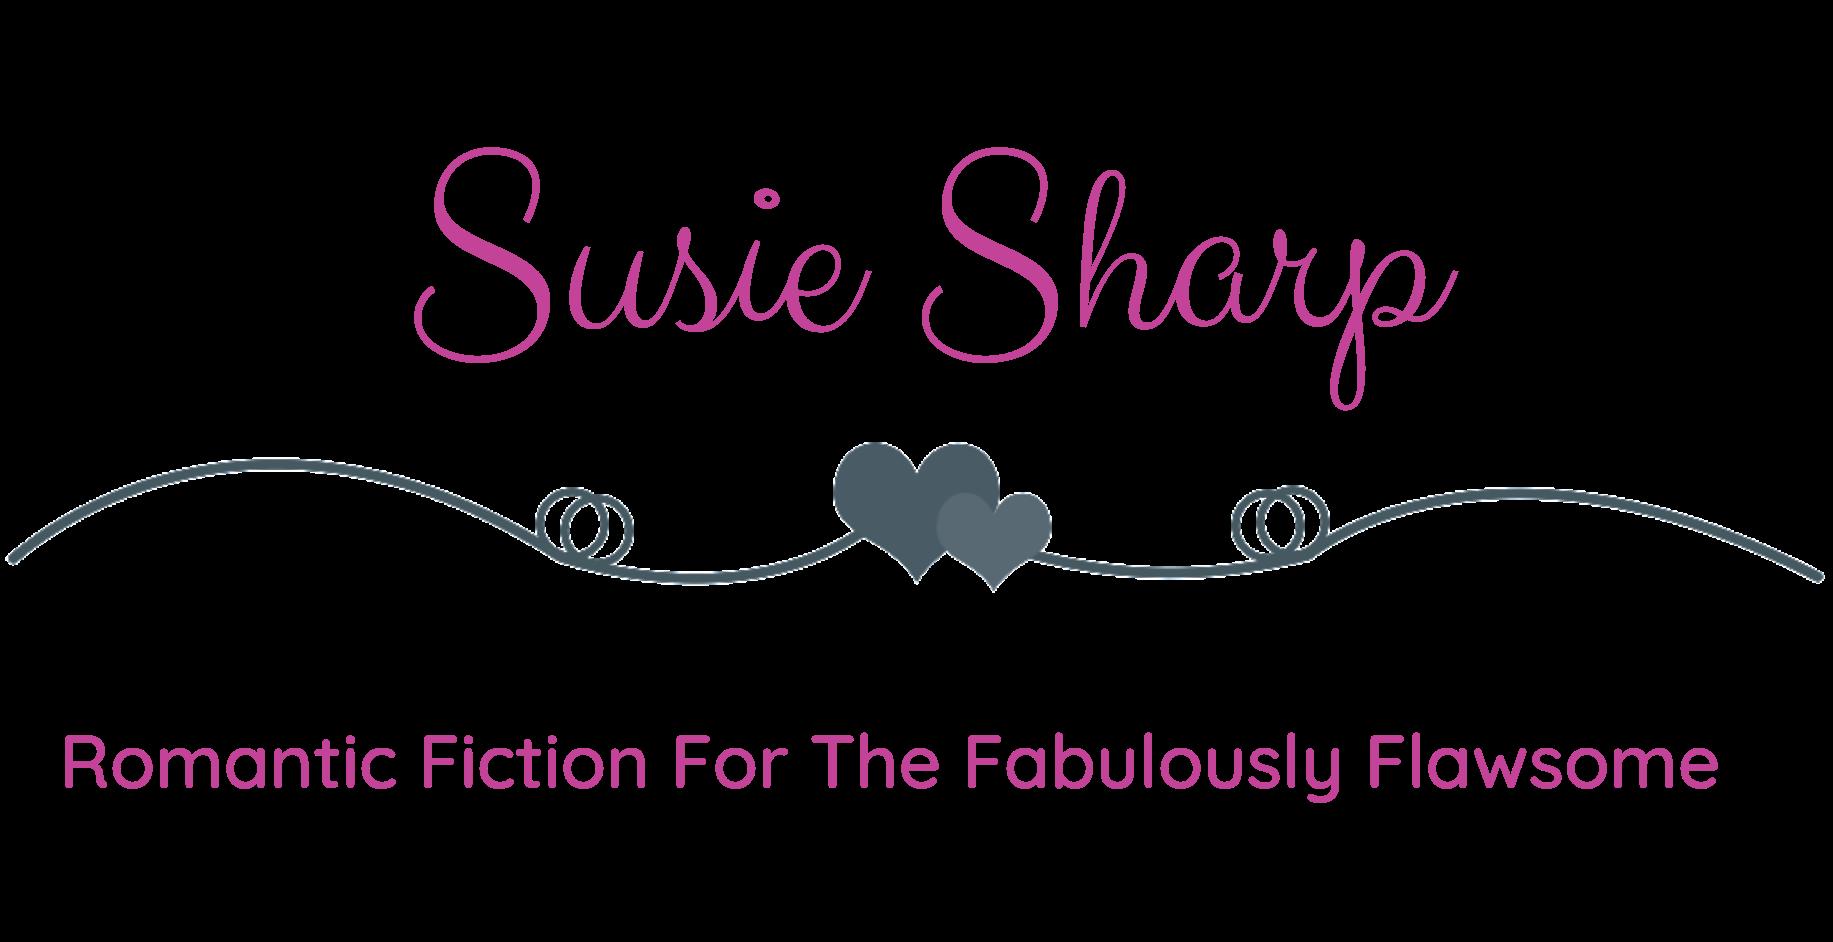 Susie Sharp